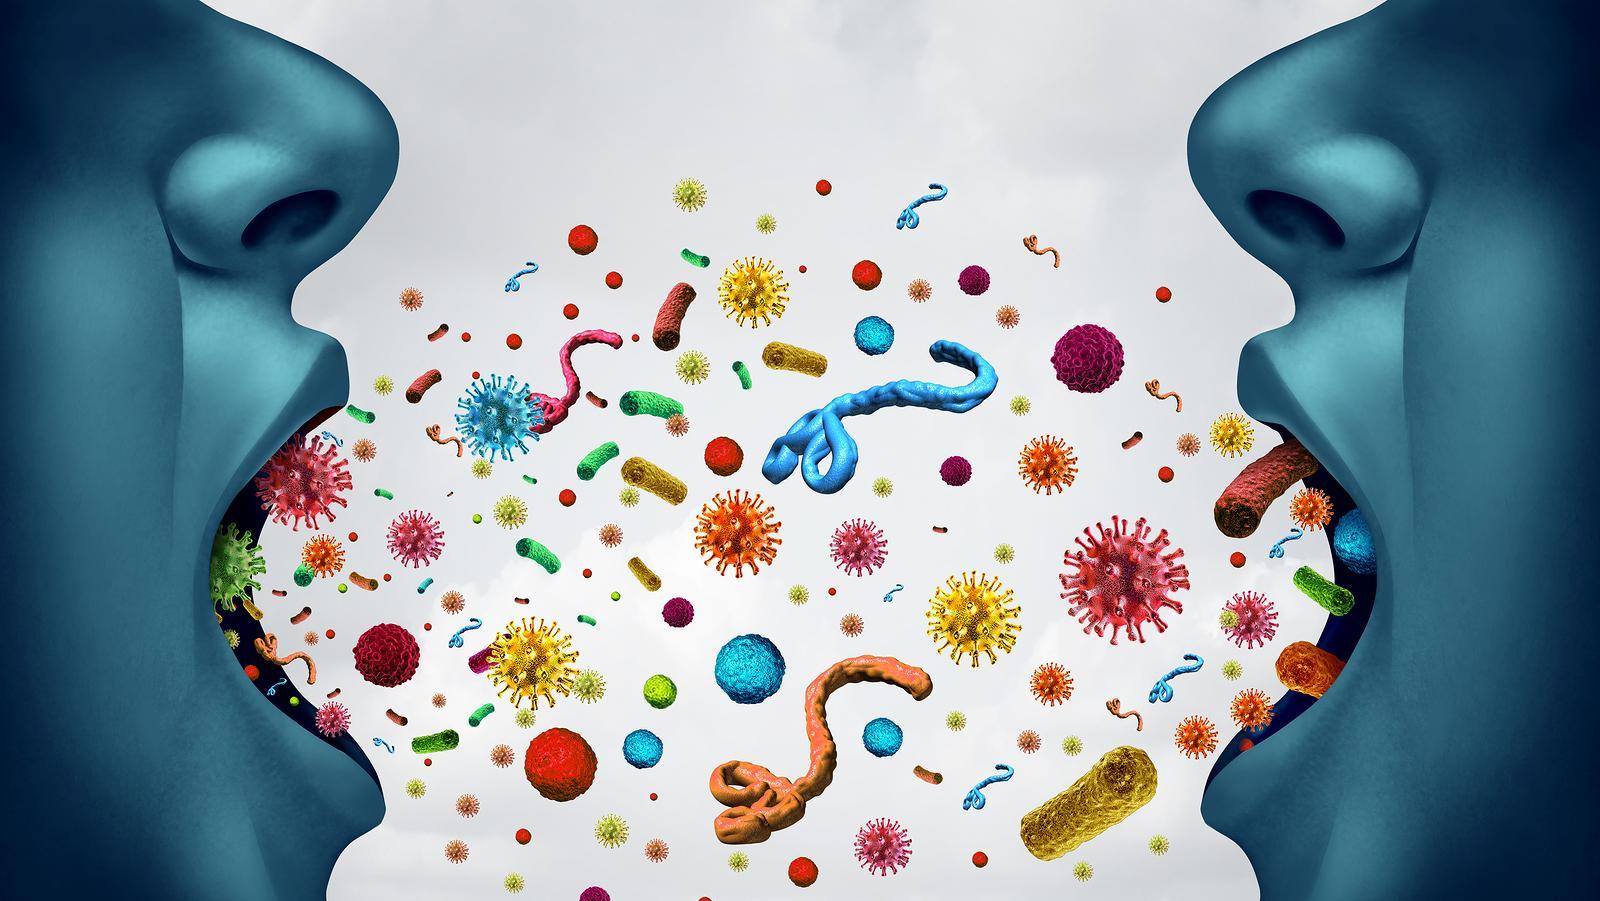 Parazita, amelyek a testében élhetnek. Paraziták jelenléte a szervezetben